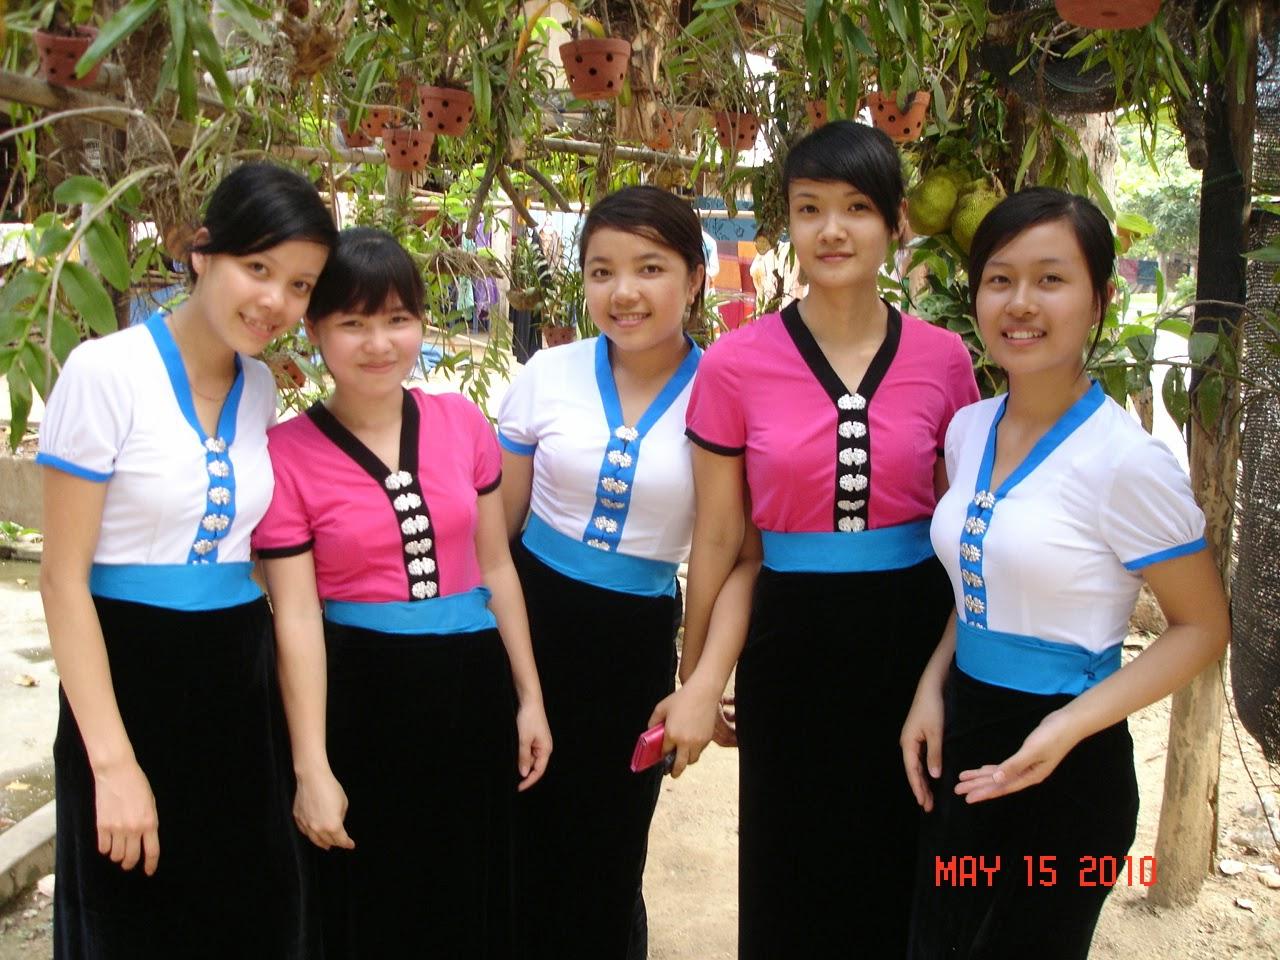 A peaceful  valley Mai Chau of Hoa Binh province in Vietnam